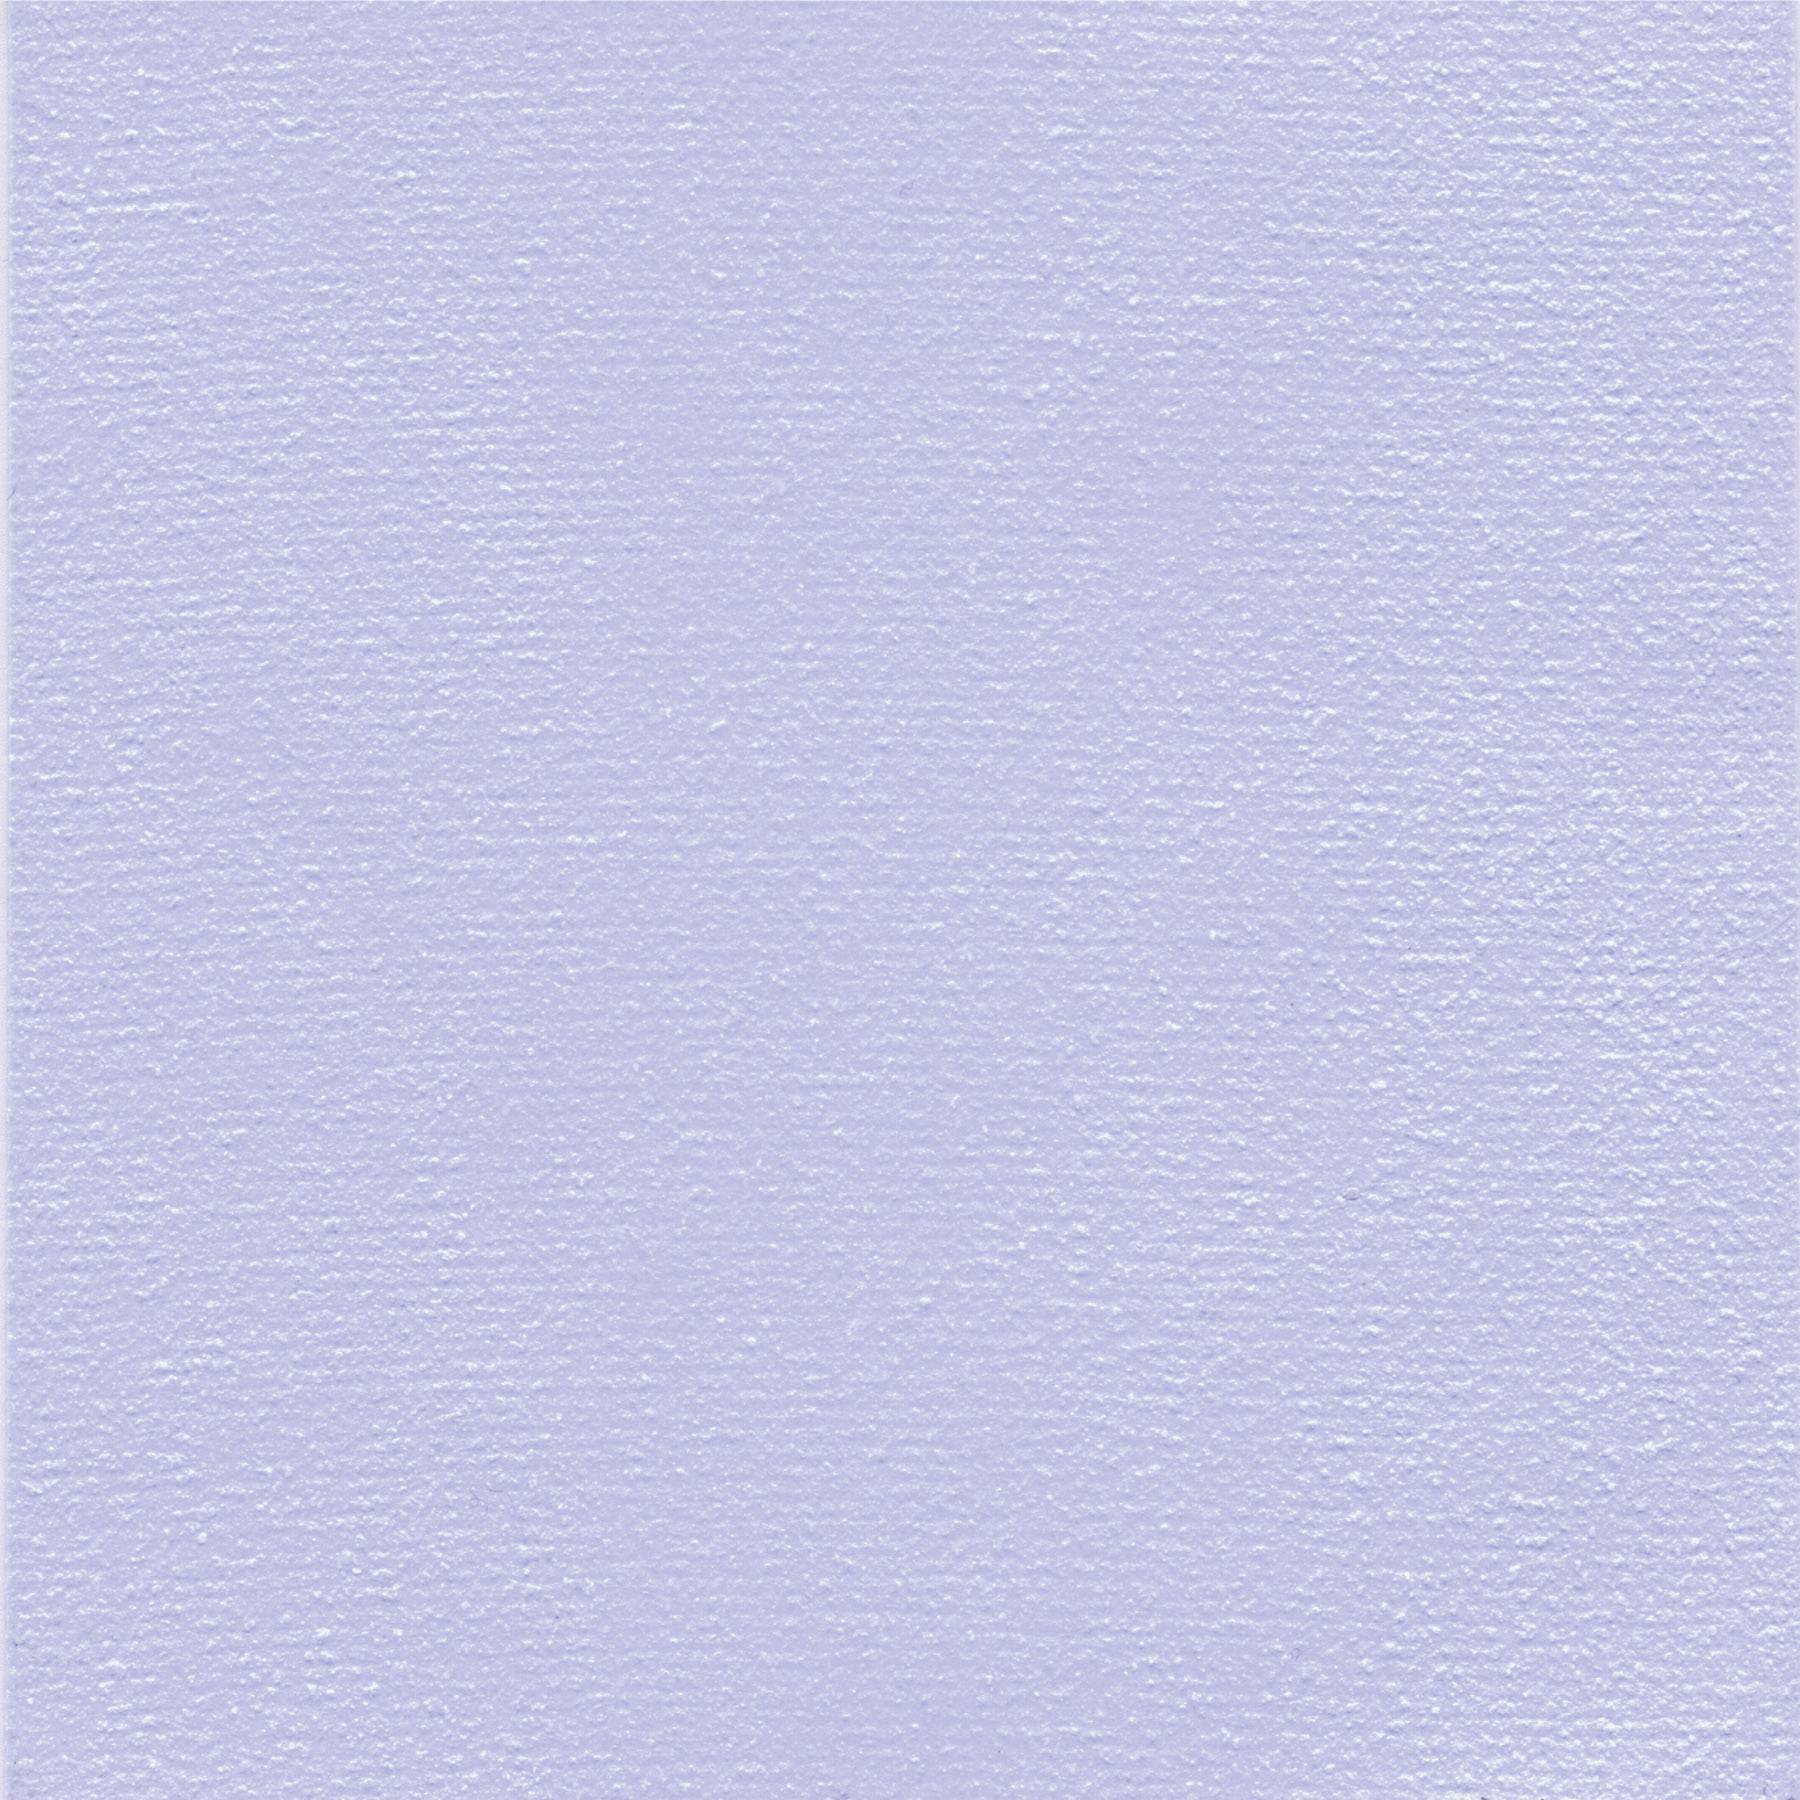 Teplovodivá fólie Softtherm 86/300 100x100x3 mm